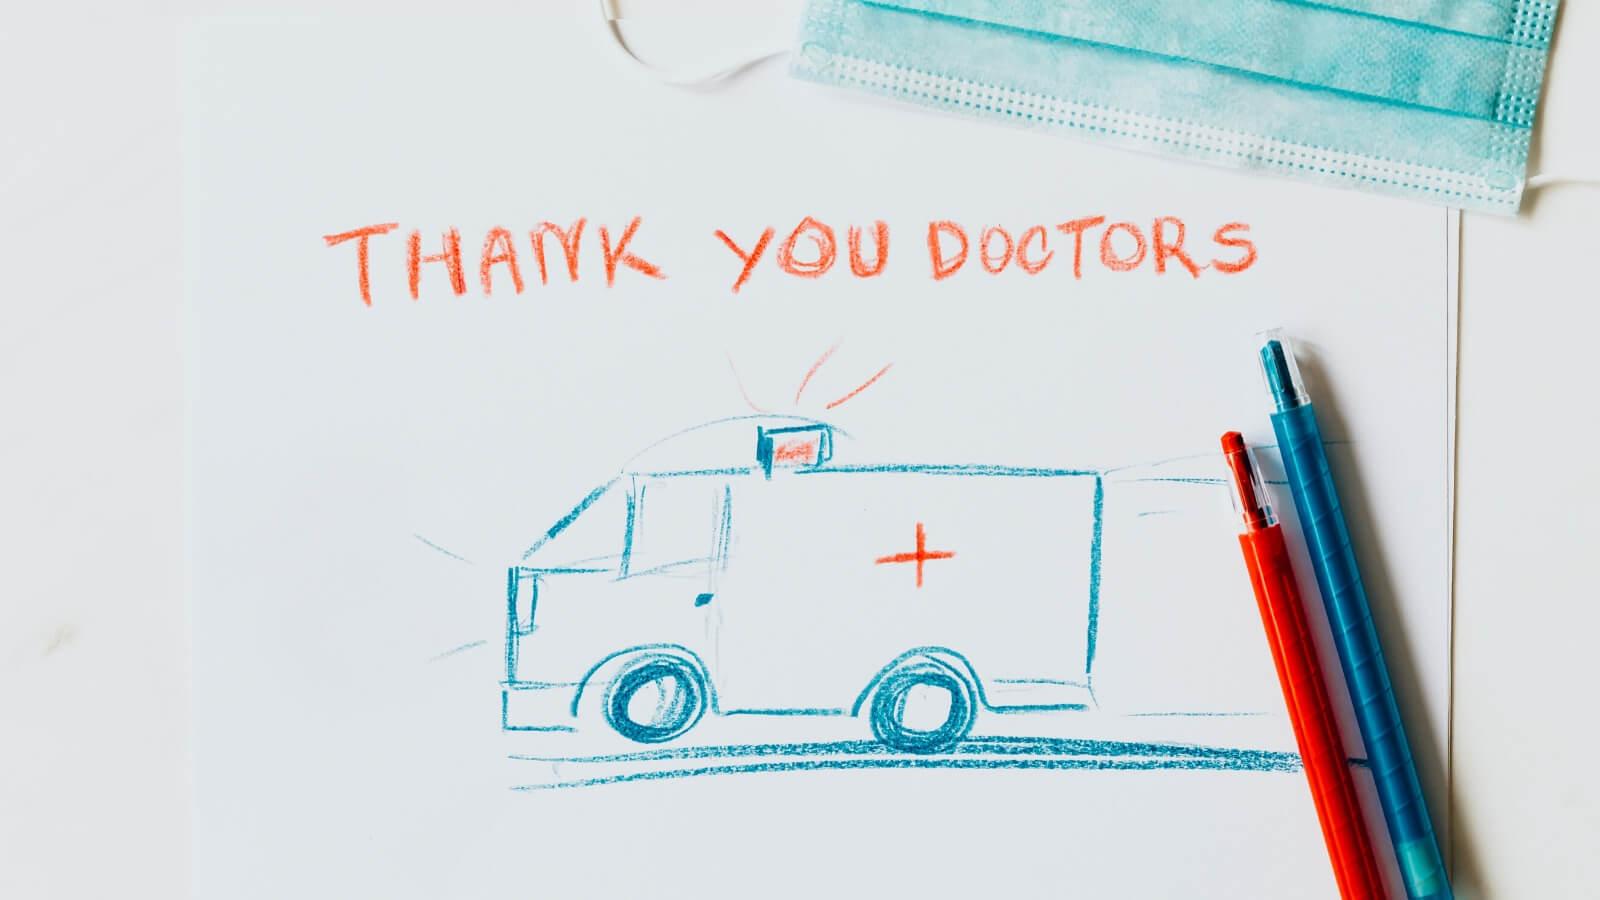 доктор, врач, коронавирус, стимулирующие выплаты